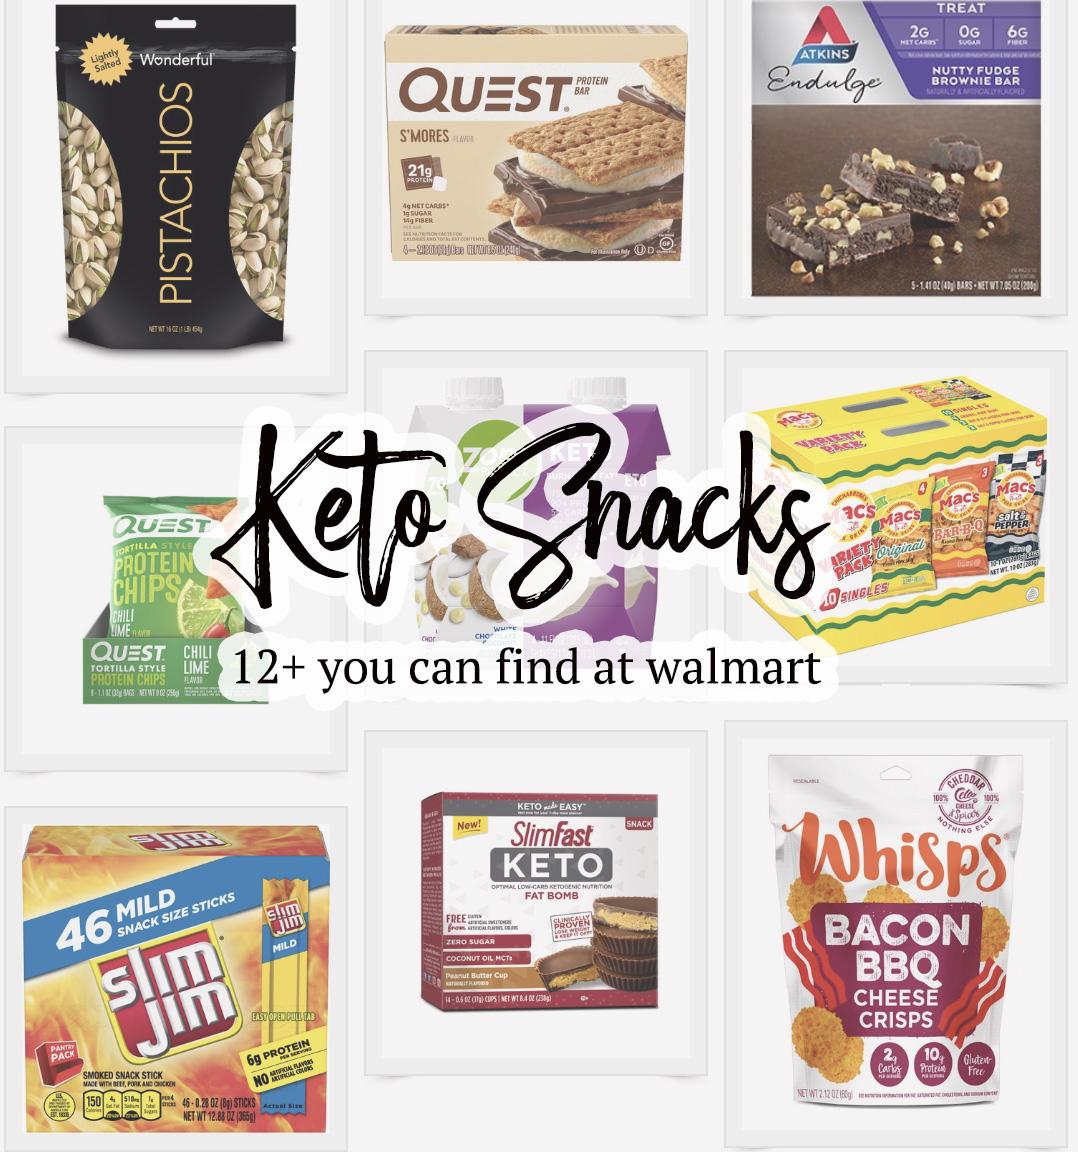 Keto snacks walmart - A list of keto friendly snacks